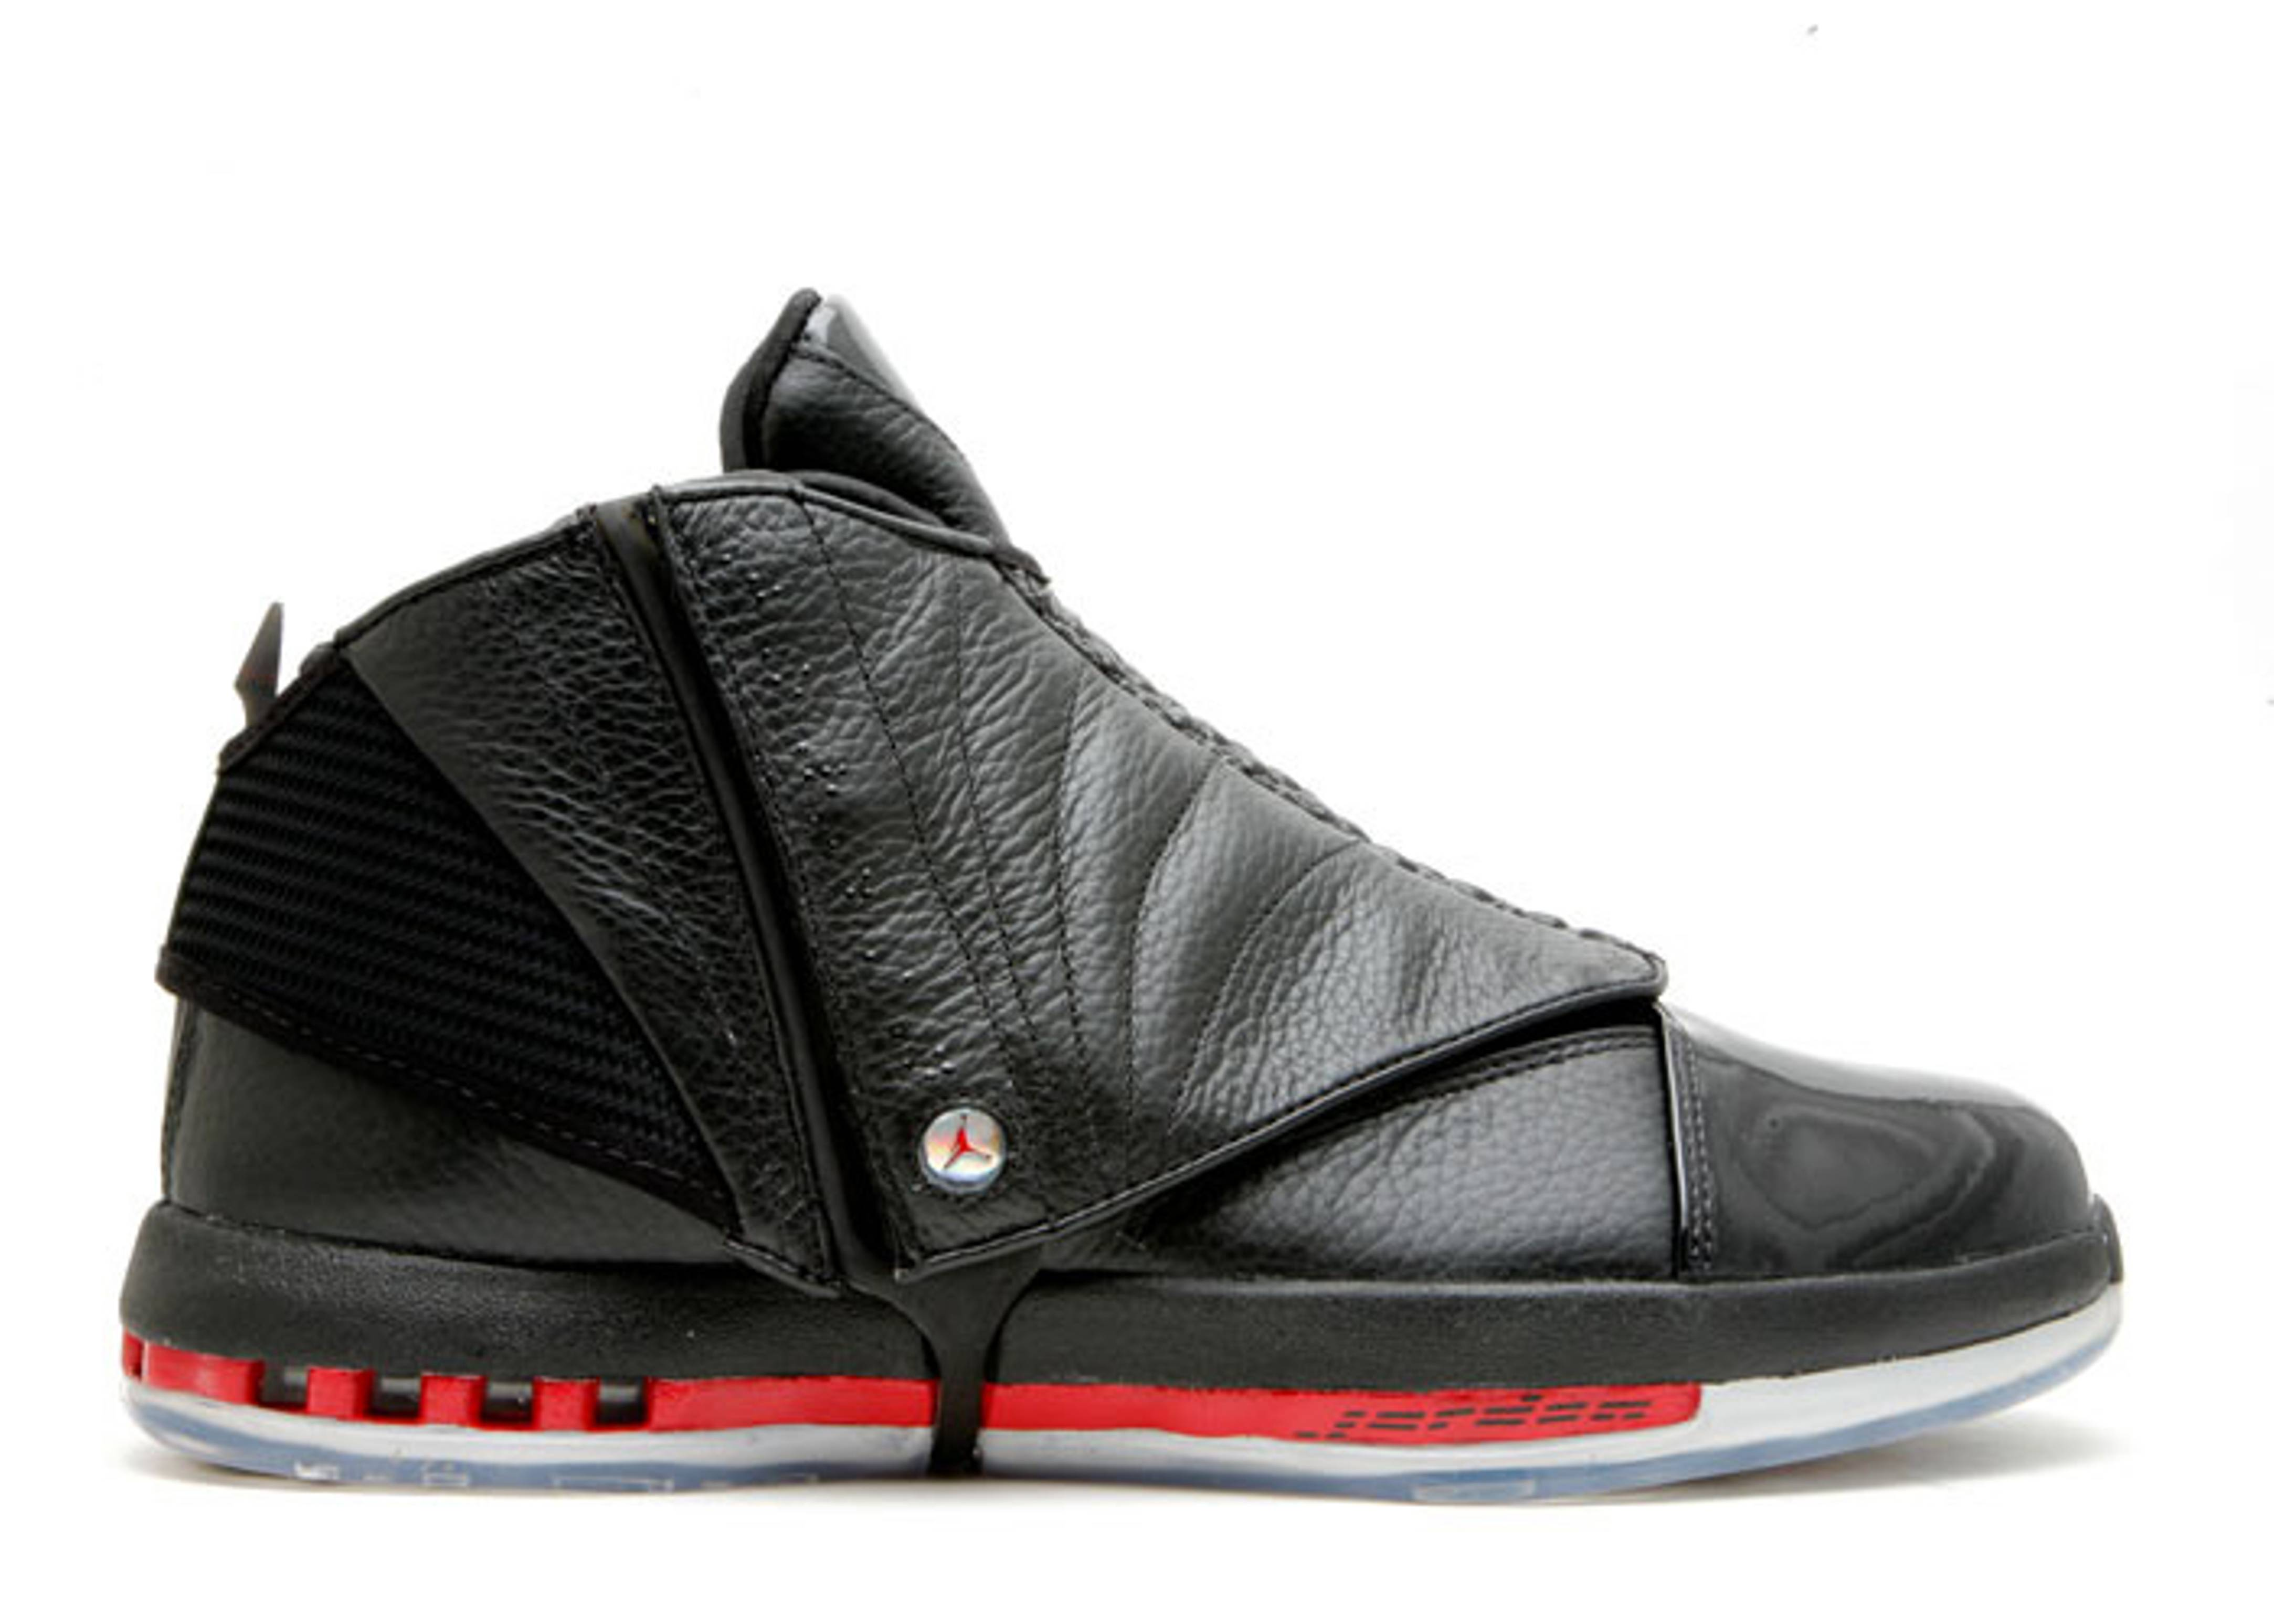 d339a85a88d1 16 7 Jordan Collezione - Air Jordan - 323941 992 - multi-color multi-color